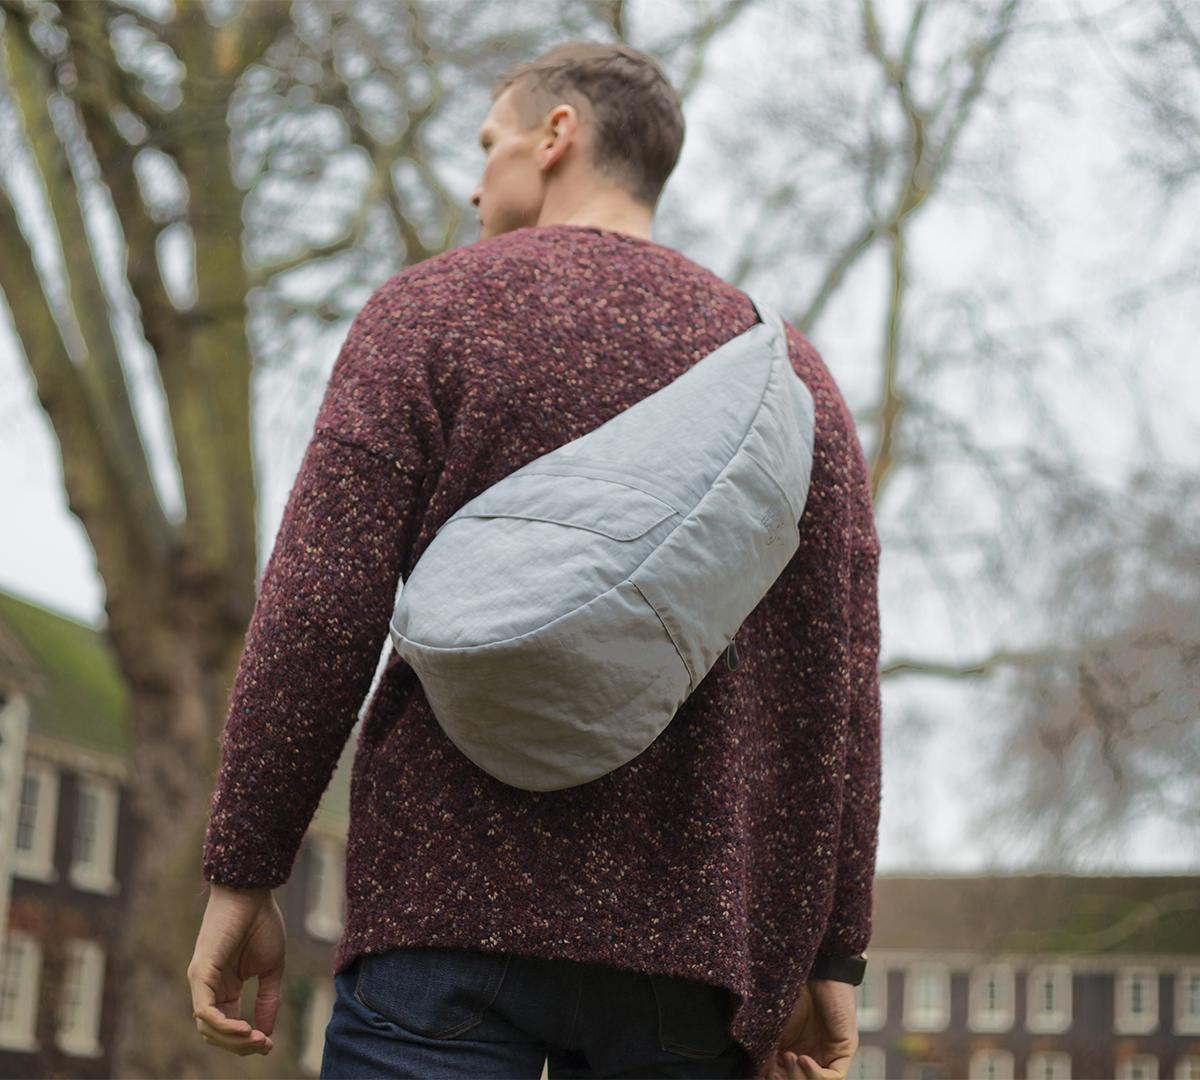 荷物が取り出しやすく、体にフィットする設計のボディバッグ|Healthy Back Bag